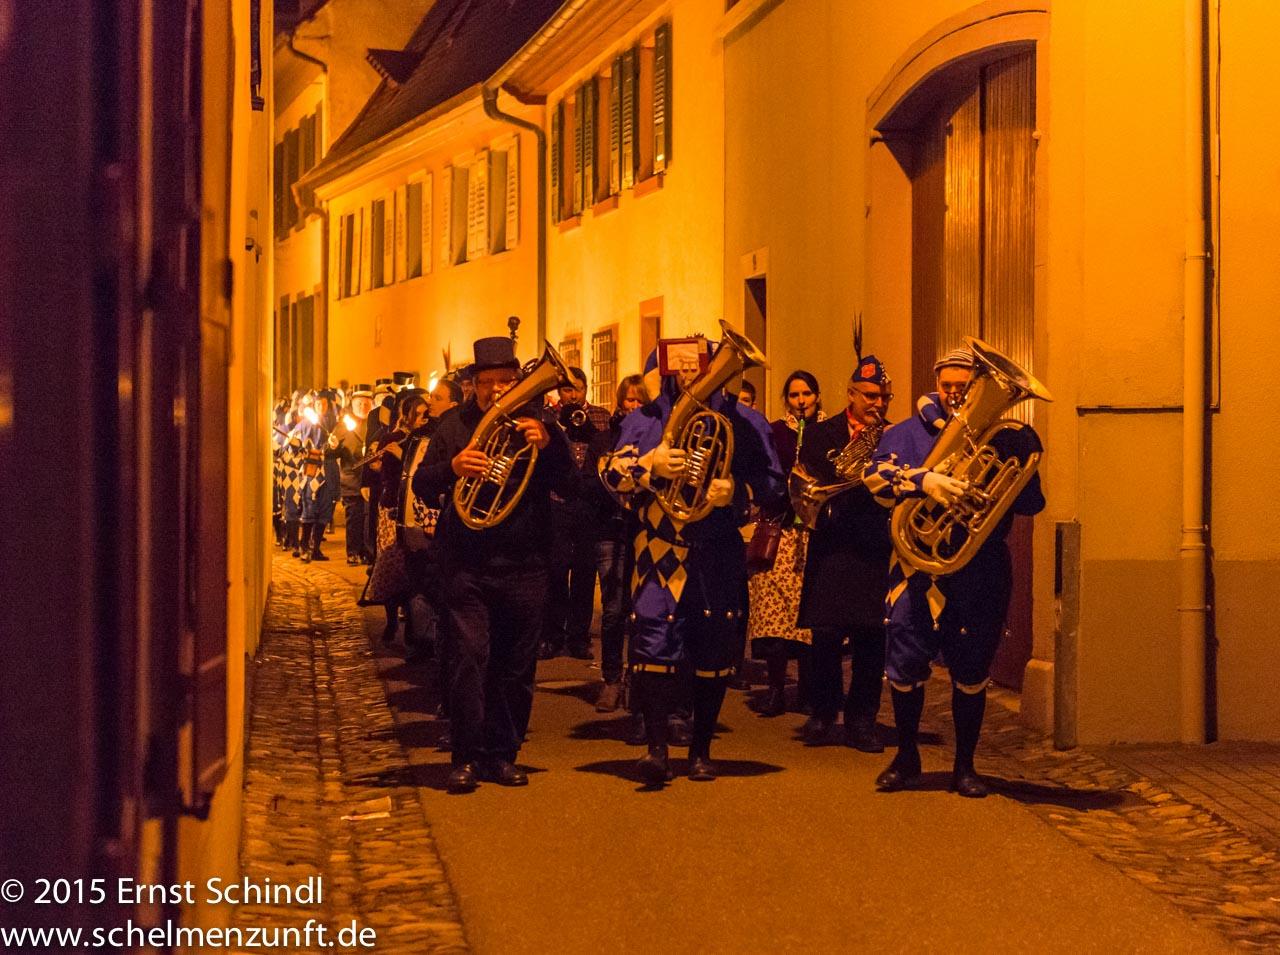 Fasnet-Staufen_2015_Schindl_Verbrennung-1.jpg